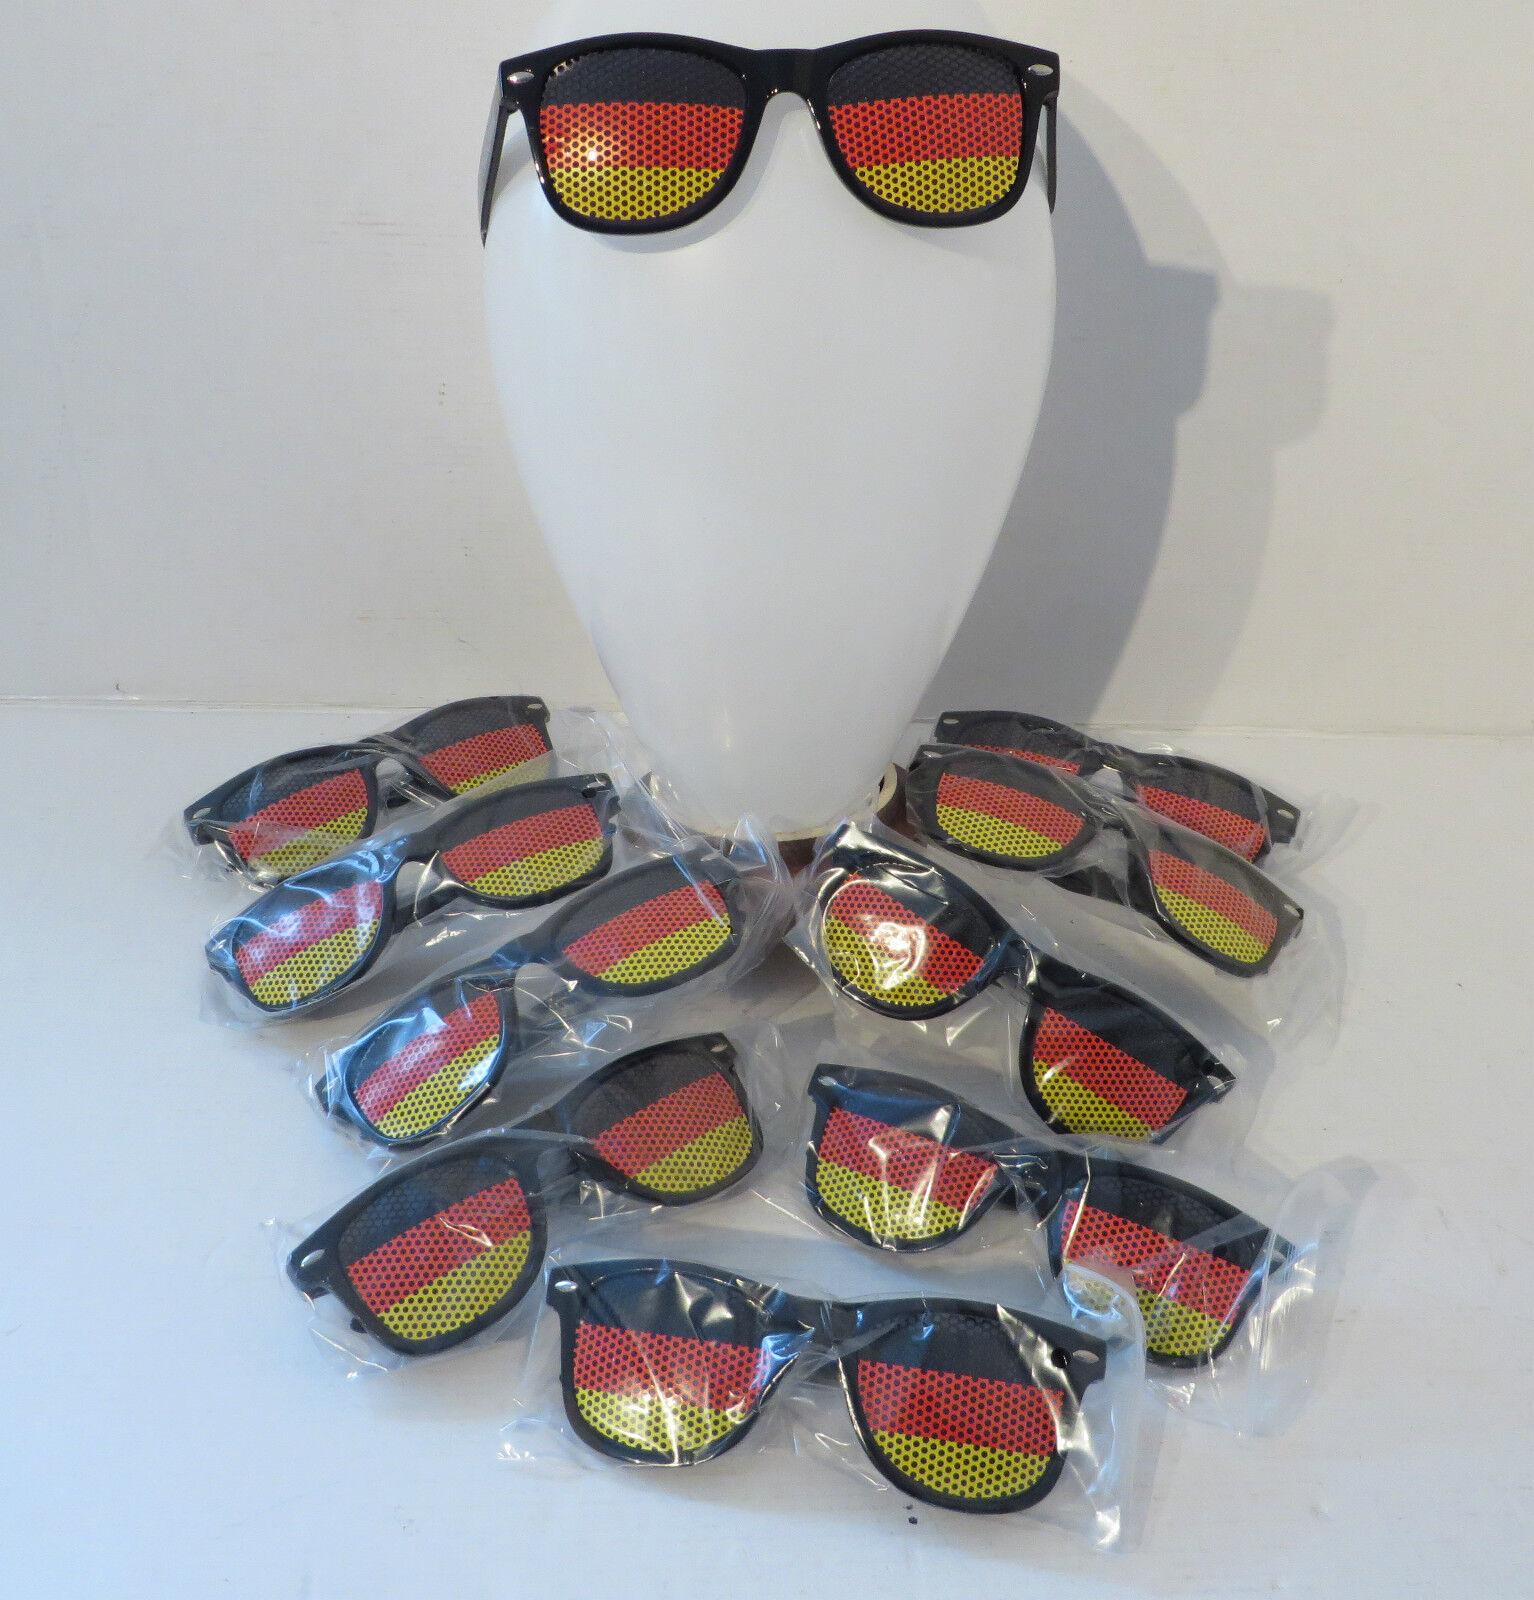 SONDERPREIS ° 10 Stk Sport Sport Sport Fanbrille DEUTSCHLAND SONNENBRILLE Brille Fussball WM  | Angenehmes Aussehen  dac551